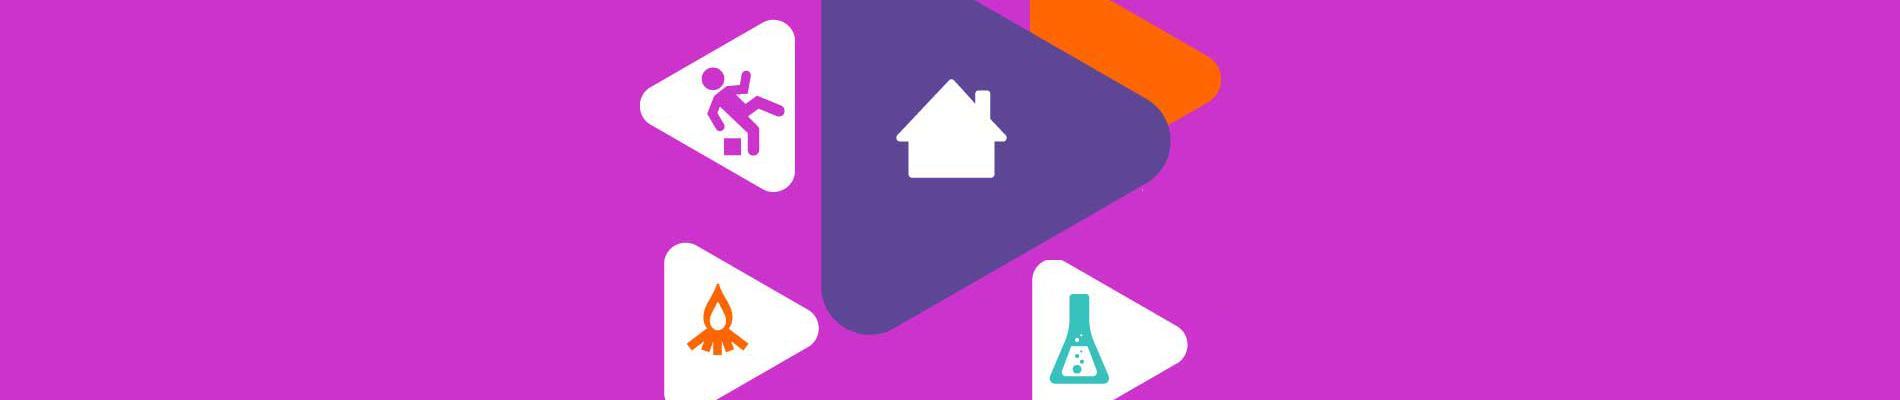 Campagne #RestonsChezNous #EnTouteSécurité pour sensibiliser sur les risques accrus d'accidents domestiques